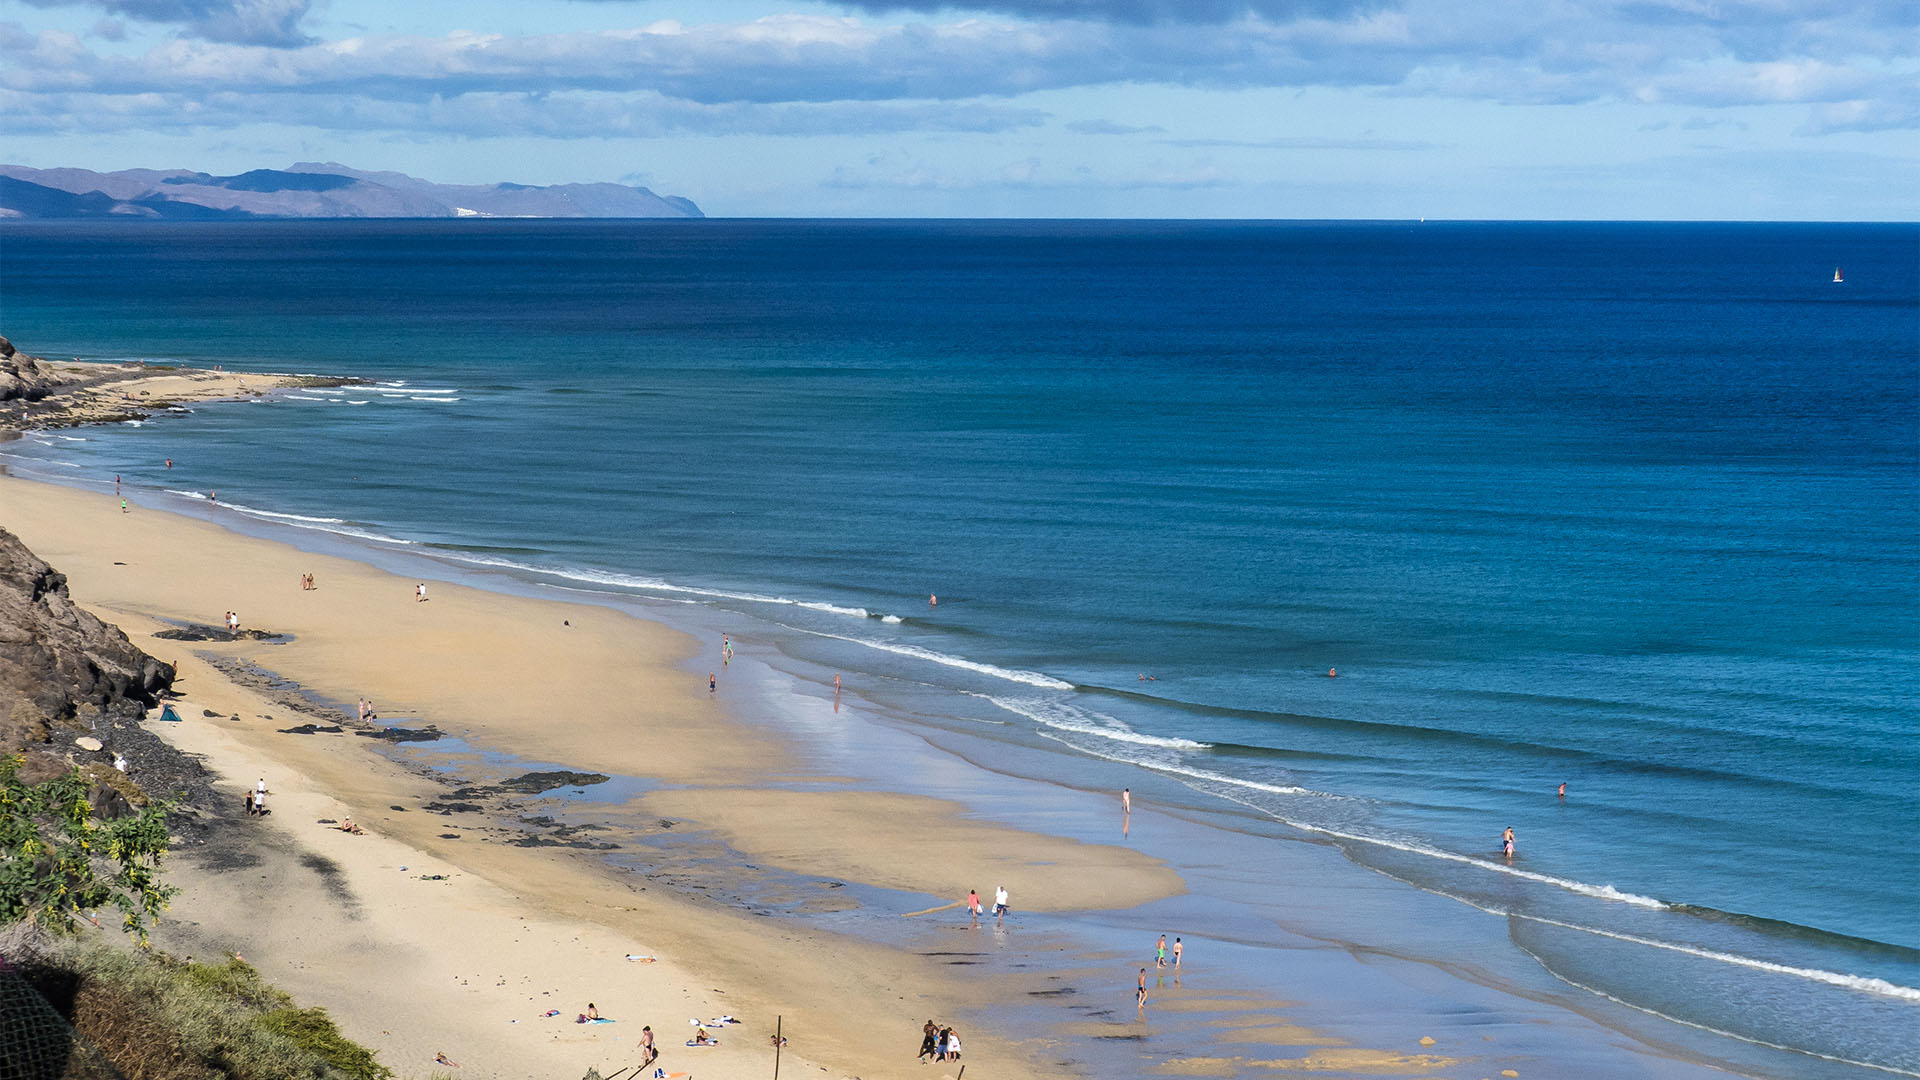 Die Strände Fuerteventuras: Halbinsel Jandía, Playa Boca de Esquinzo.